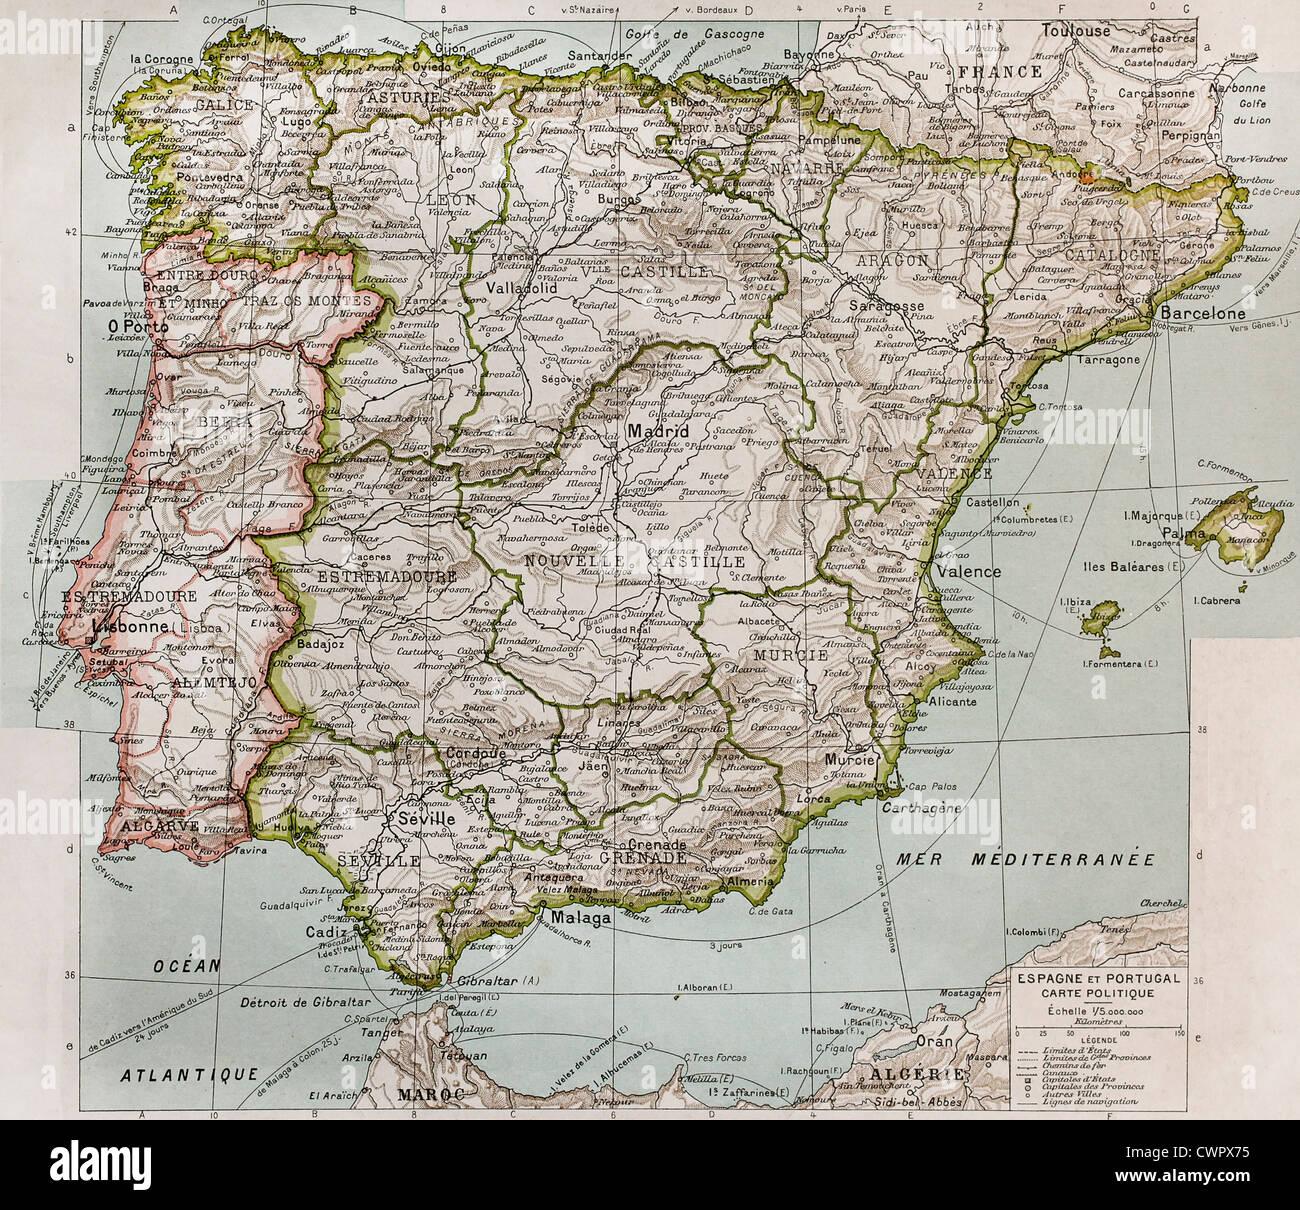 Cartina Geografica Spagna E Formentera.Spagna E Portogallo Mappa Politico Foto Stock Alamy